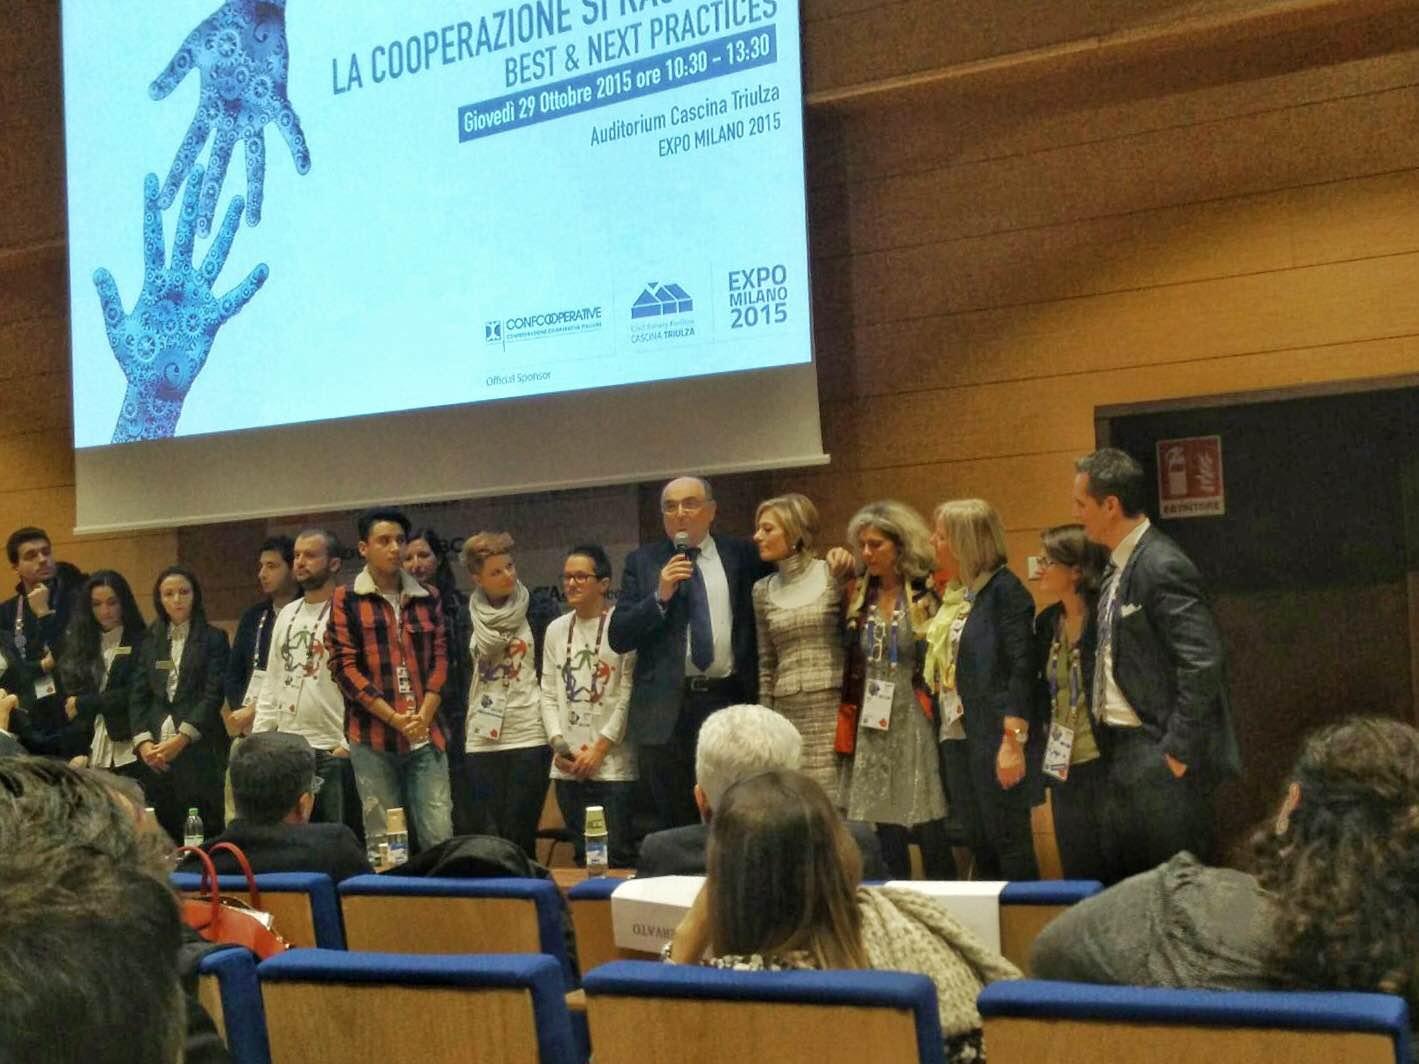 Best & Next practices a Expo: il futuro è già il presente della cooperazione italiana